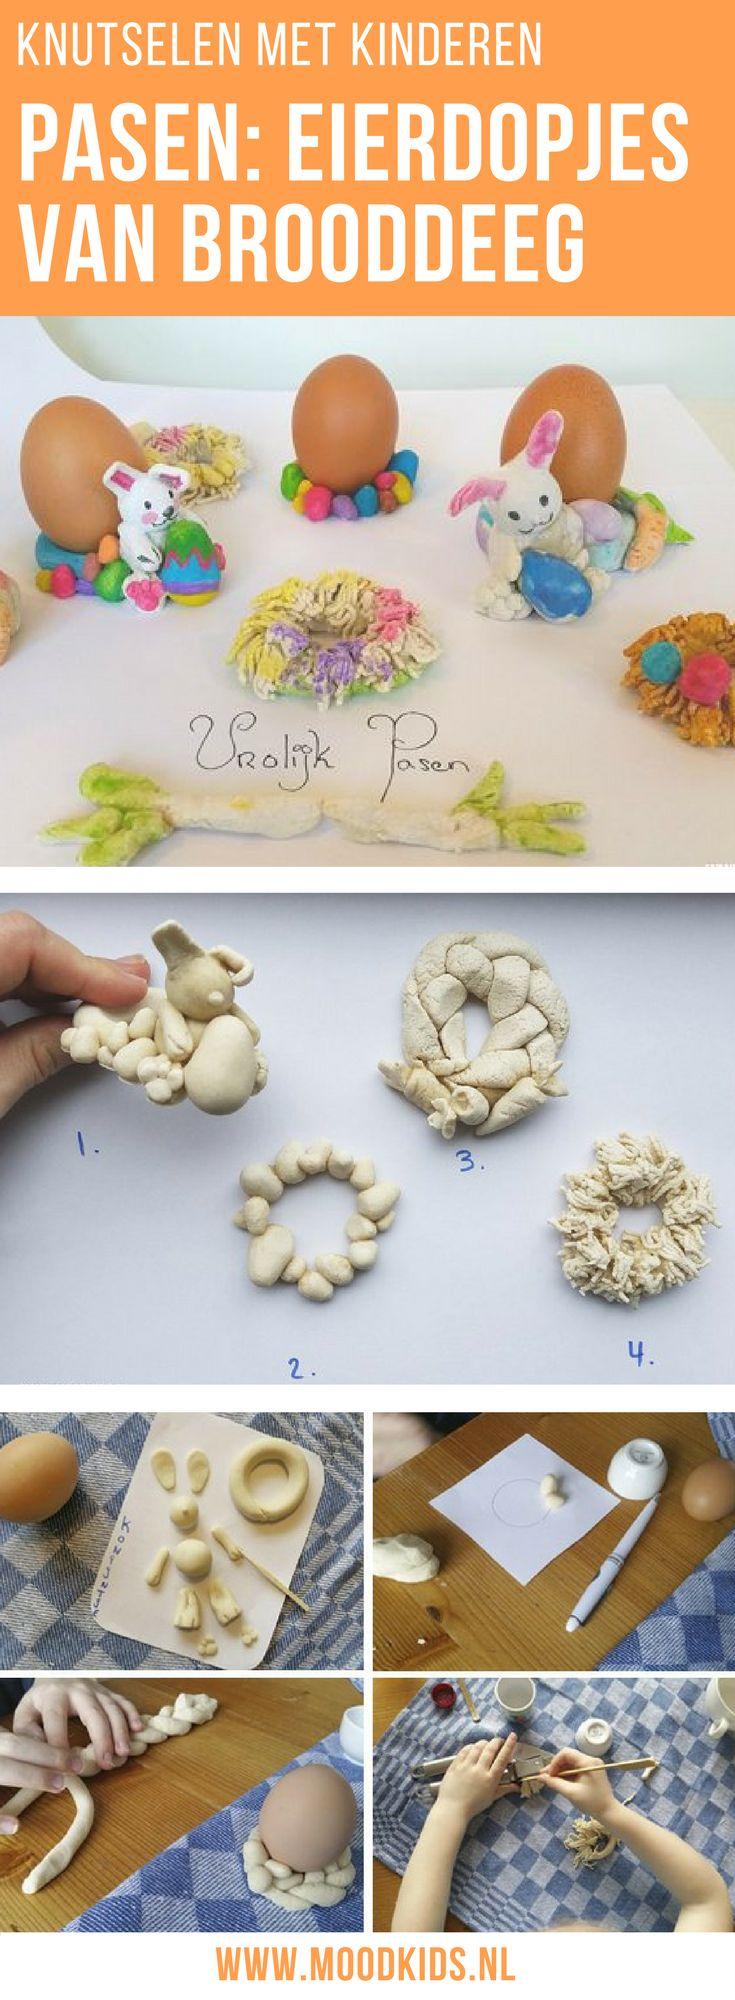 Knutselen met kinderen voor Pasen. Maak deze eierdopjes van zout brooddeeg. Lees de uitleg op de blog >